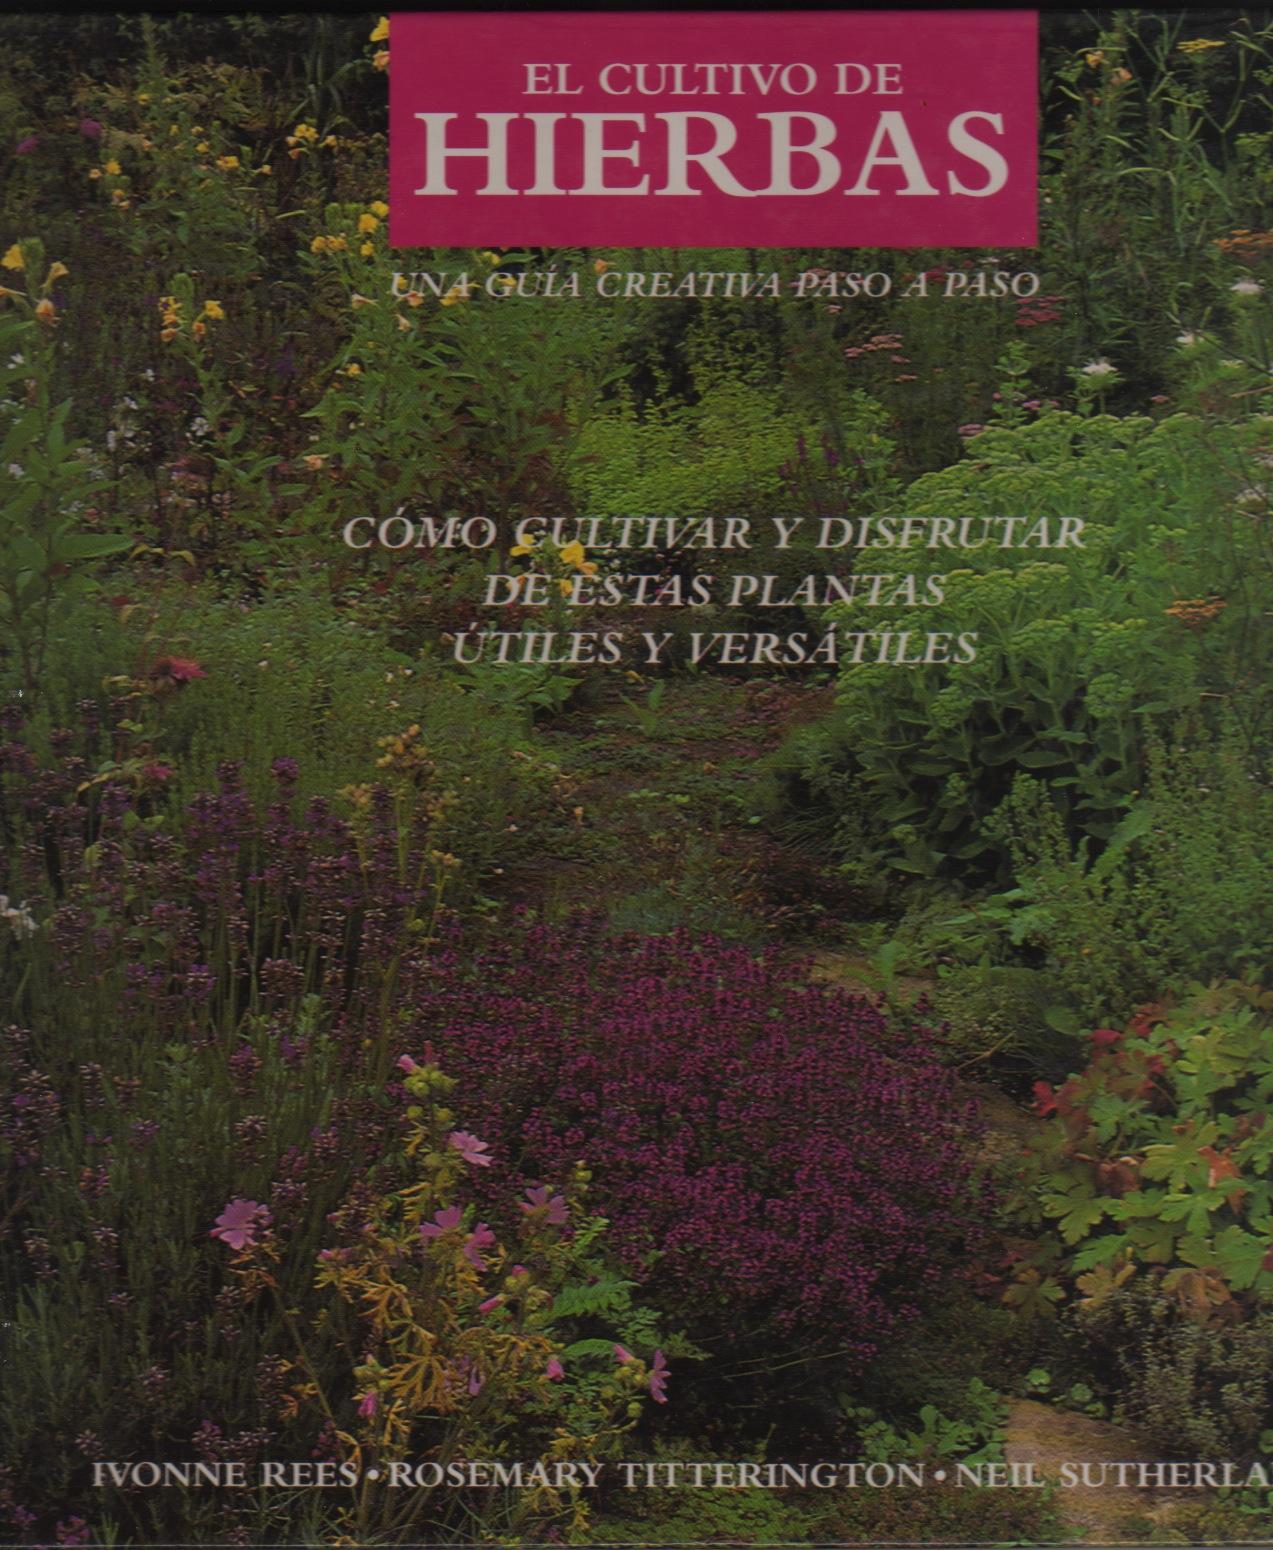 El Cultivo de Hierba...